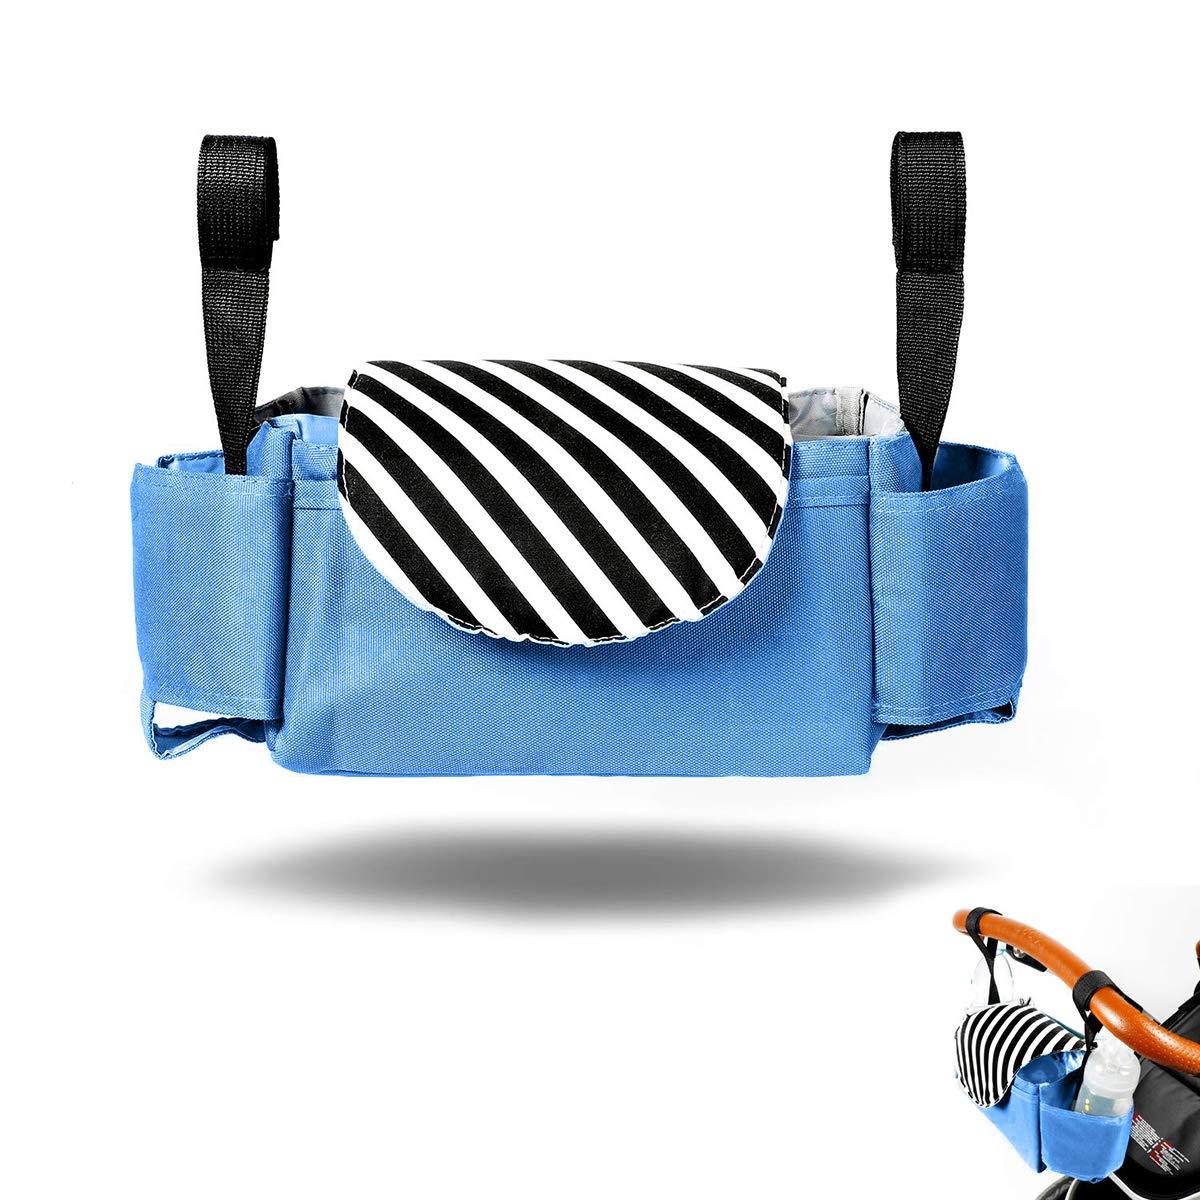 Organizador para Coches de Paseo con Dos Ganchos Universal Gran Capacidad Impermeable Bolsos Carro Bebe Azul Vawal Organizador Paseo Bebe